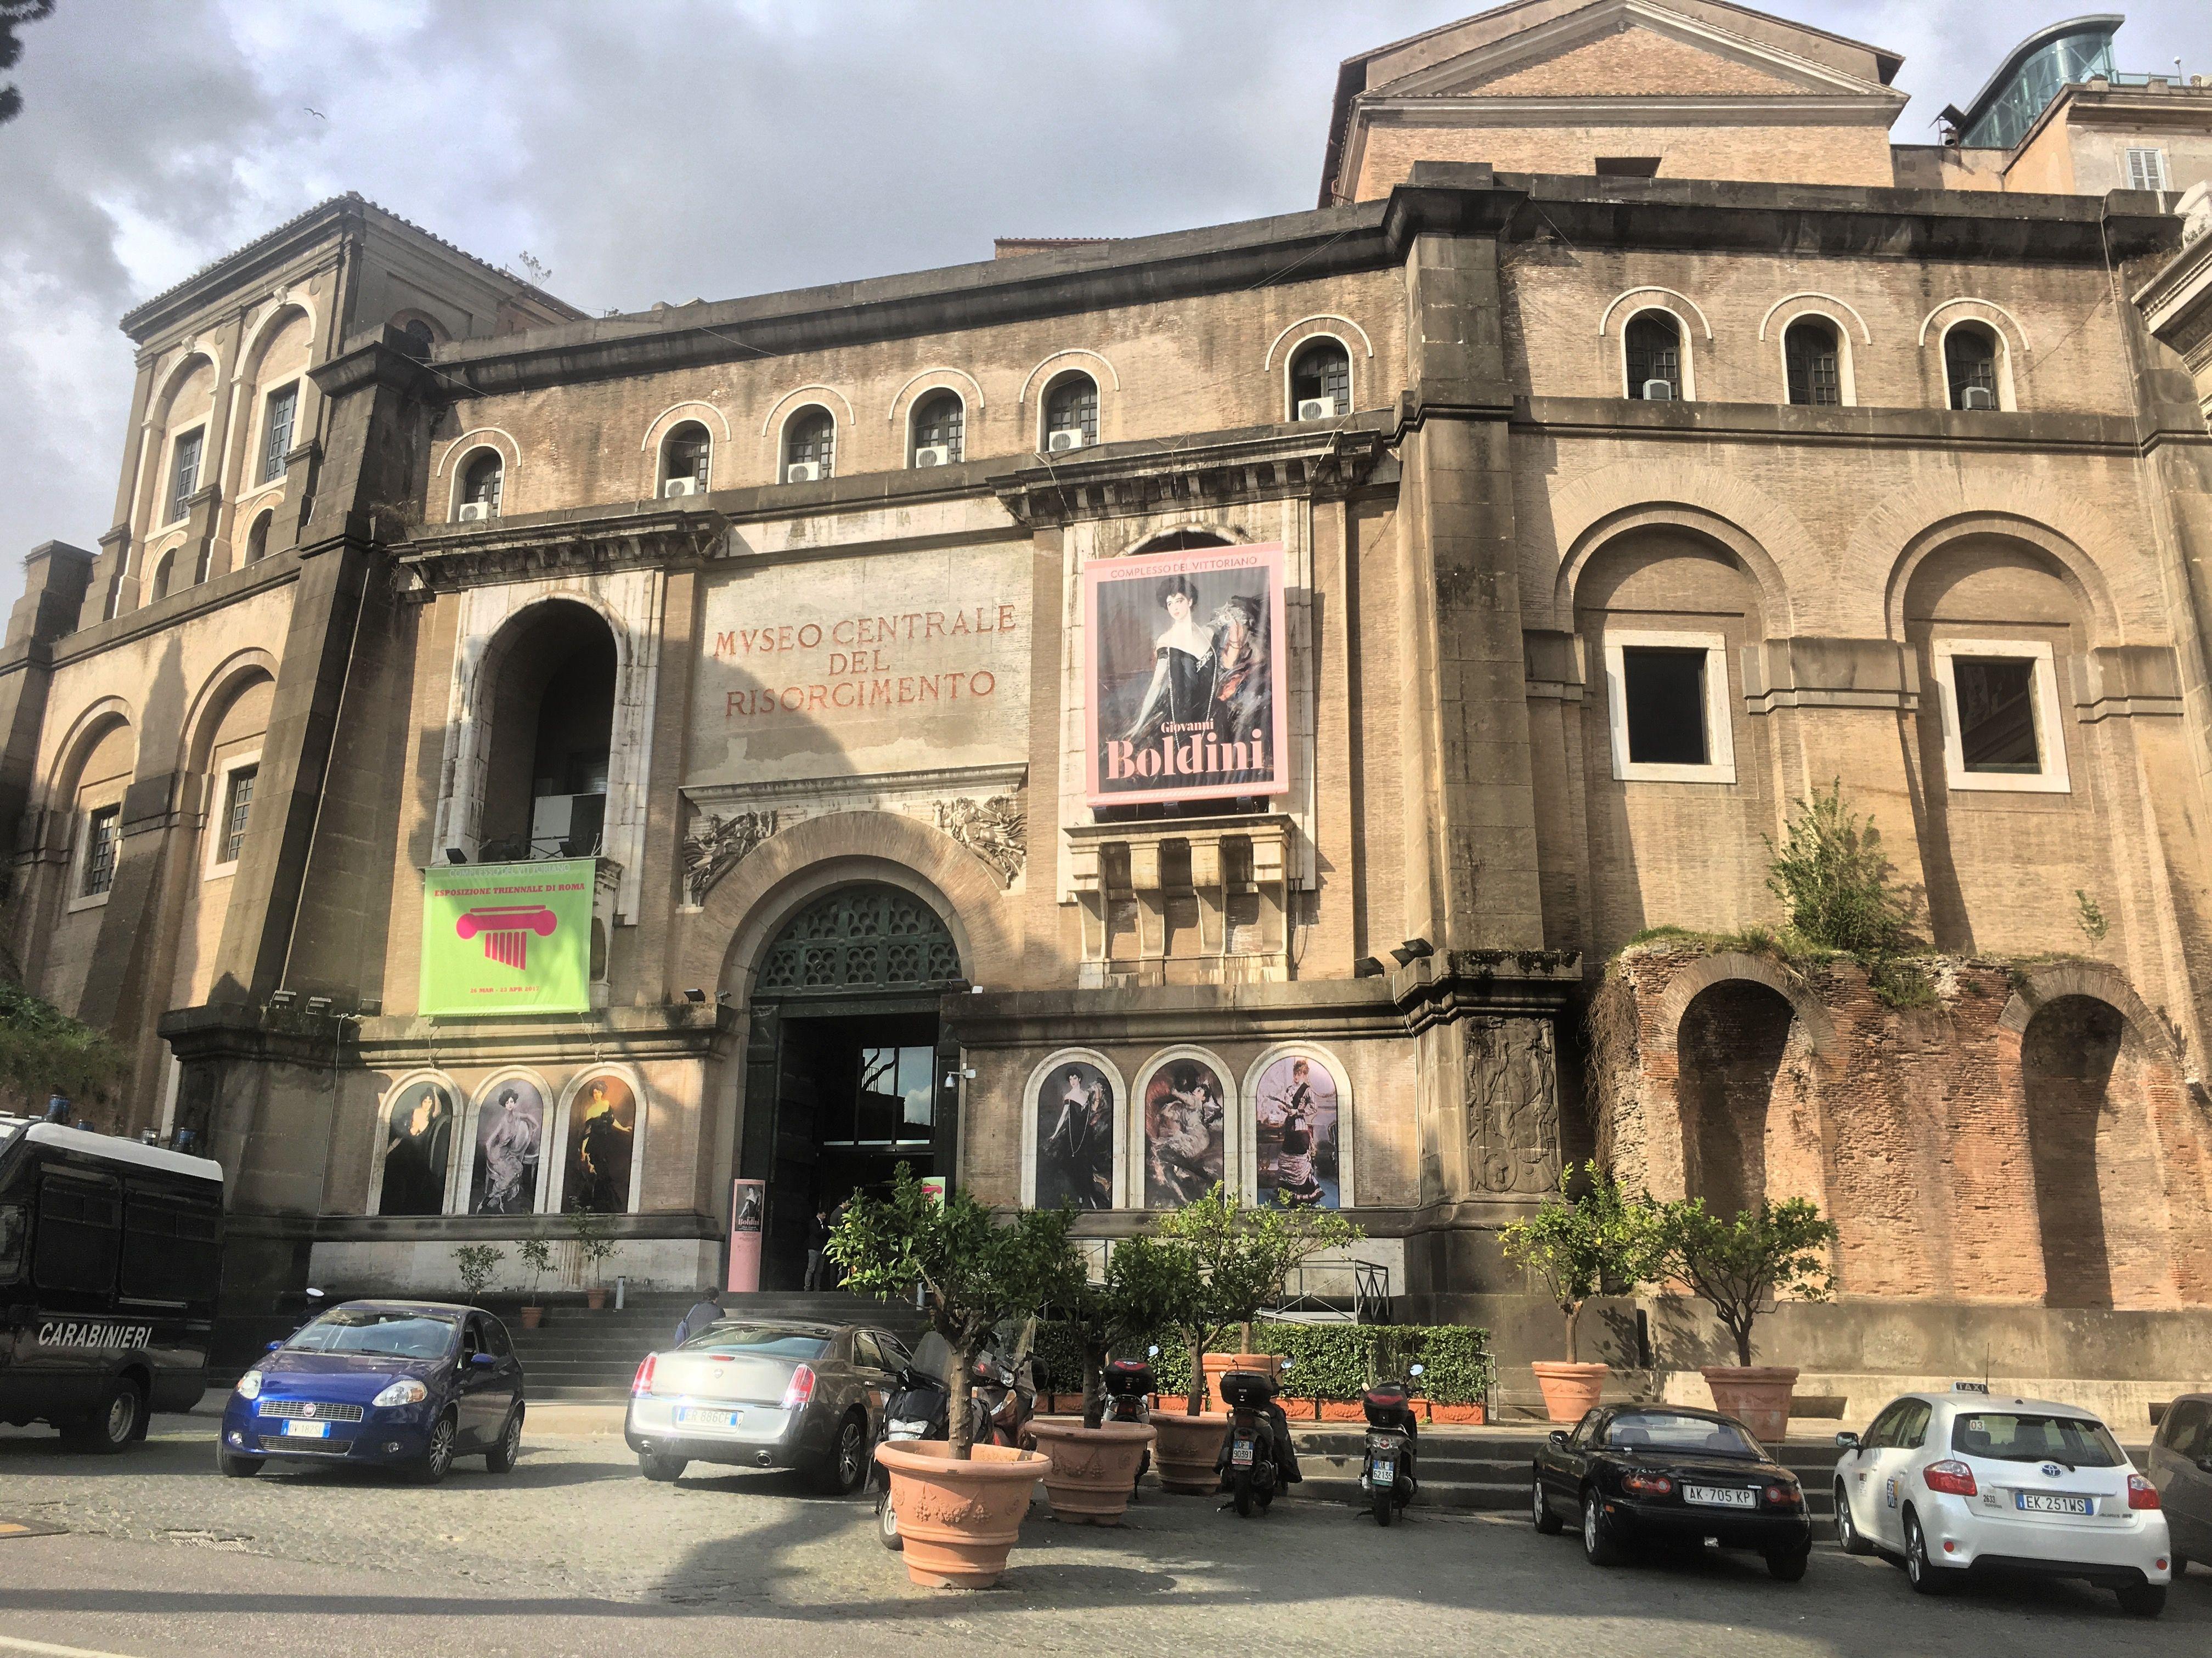 Museo Del Risorgimento.Armando Brasini S Museo Centrale Del Risorgimento Rome 1924 39